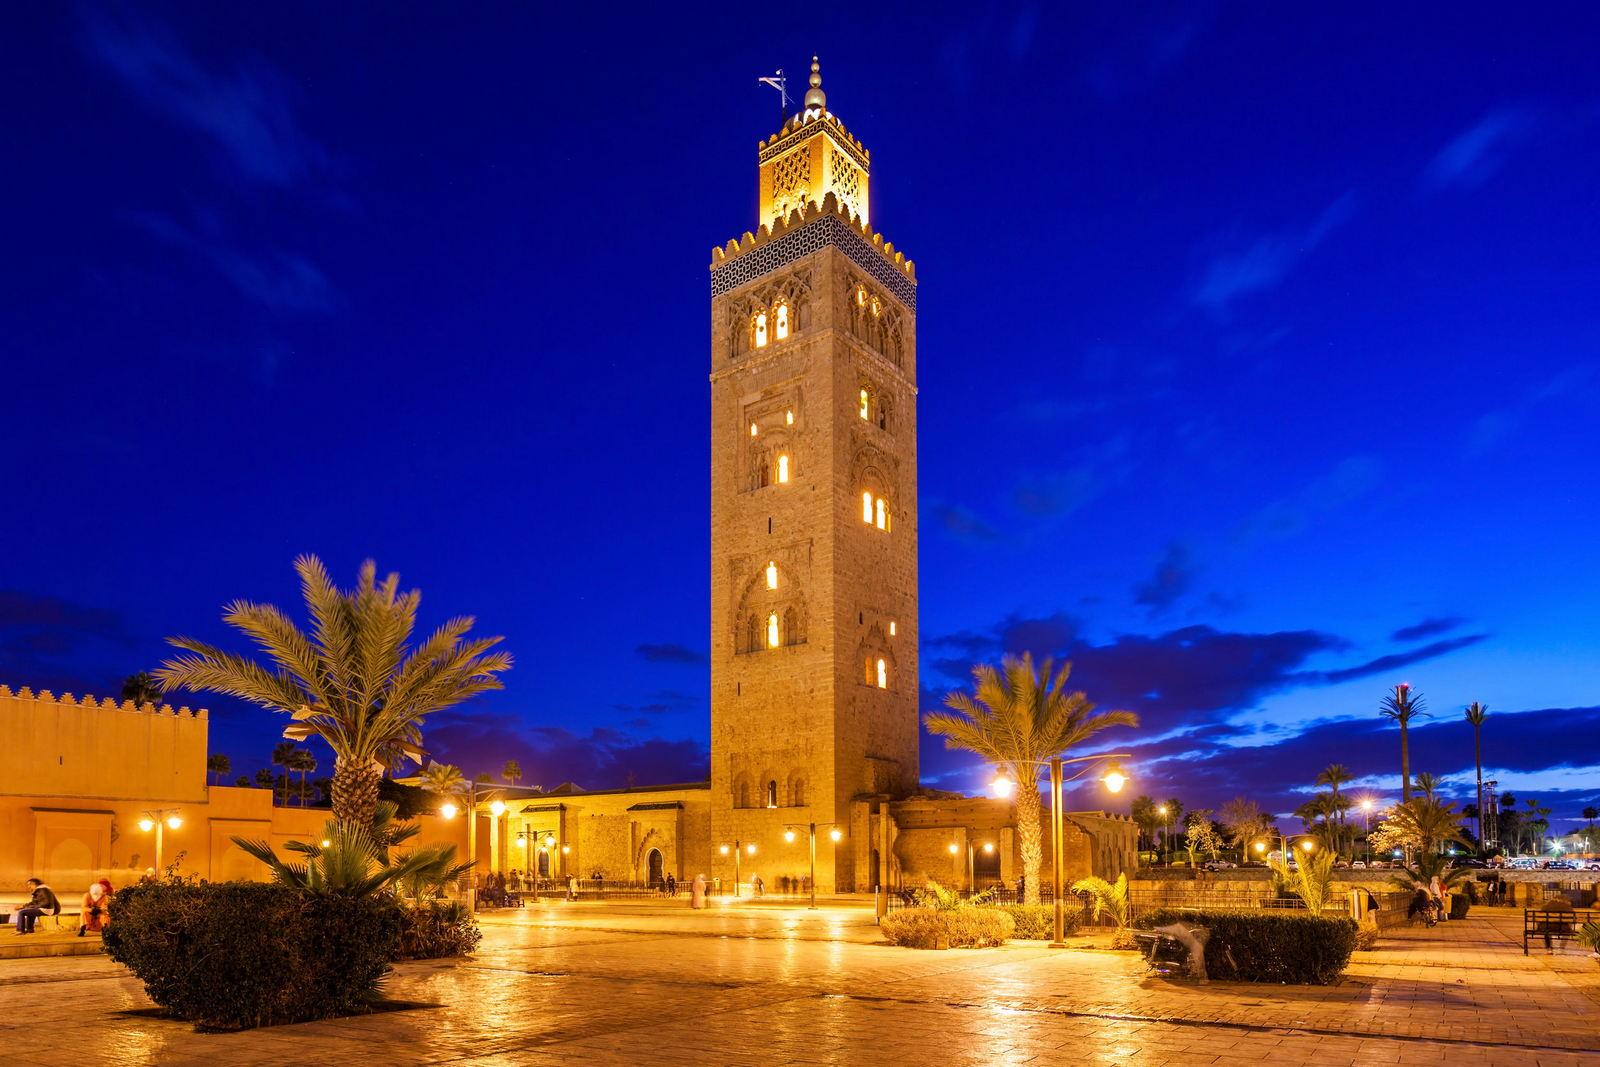 Marrakesz Koutoubia